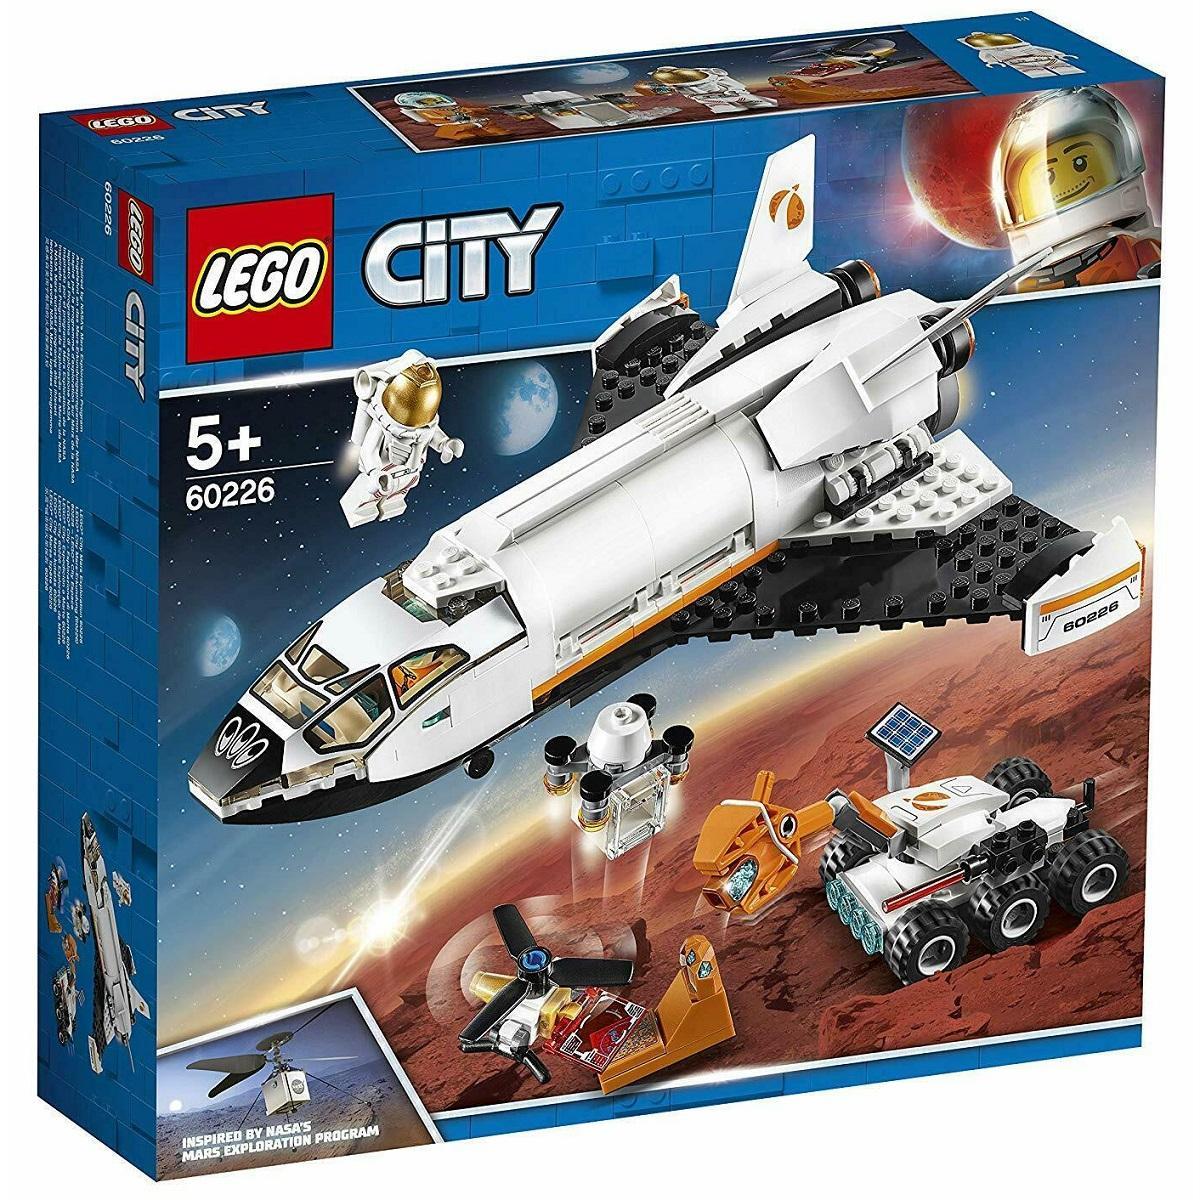 [Có Video] Bộ Lắp Ráp LEGO City 60226 Tàu Con Thoi Thám Hiểm Sao Hỏa 273 Chi Tiết Dành Cho Trẻ Từ 5 Tuổi Có Giá Ưu Đãi